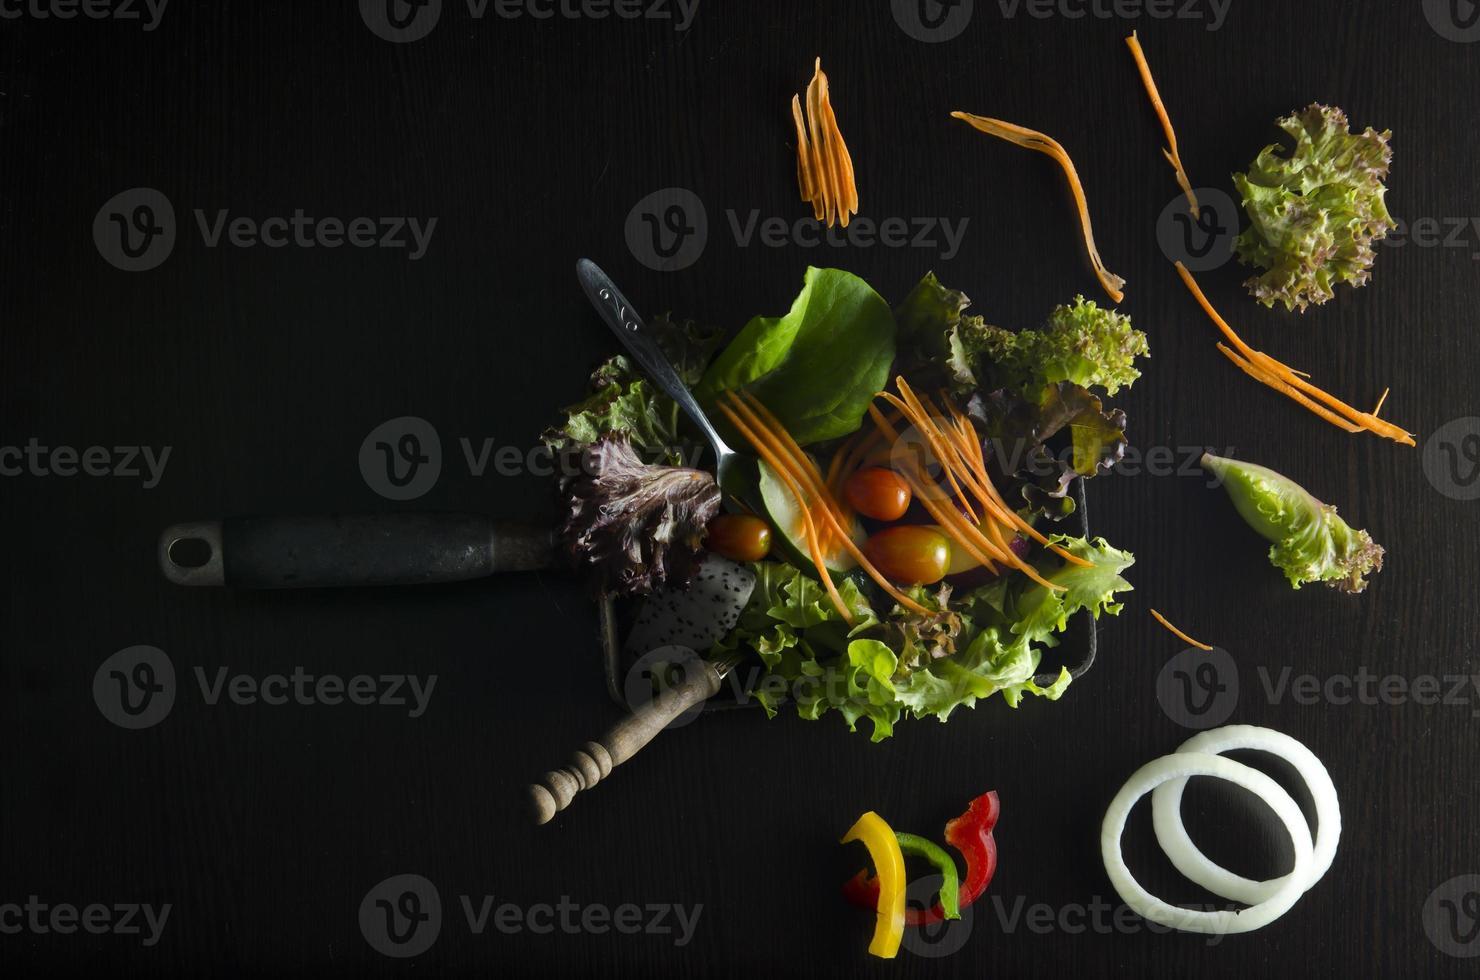 Gemüsesalatzubereitung auf schwarzem Hintergrund foto